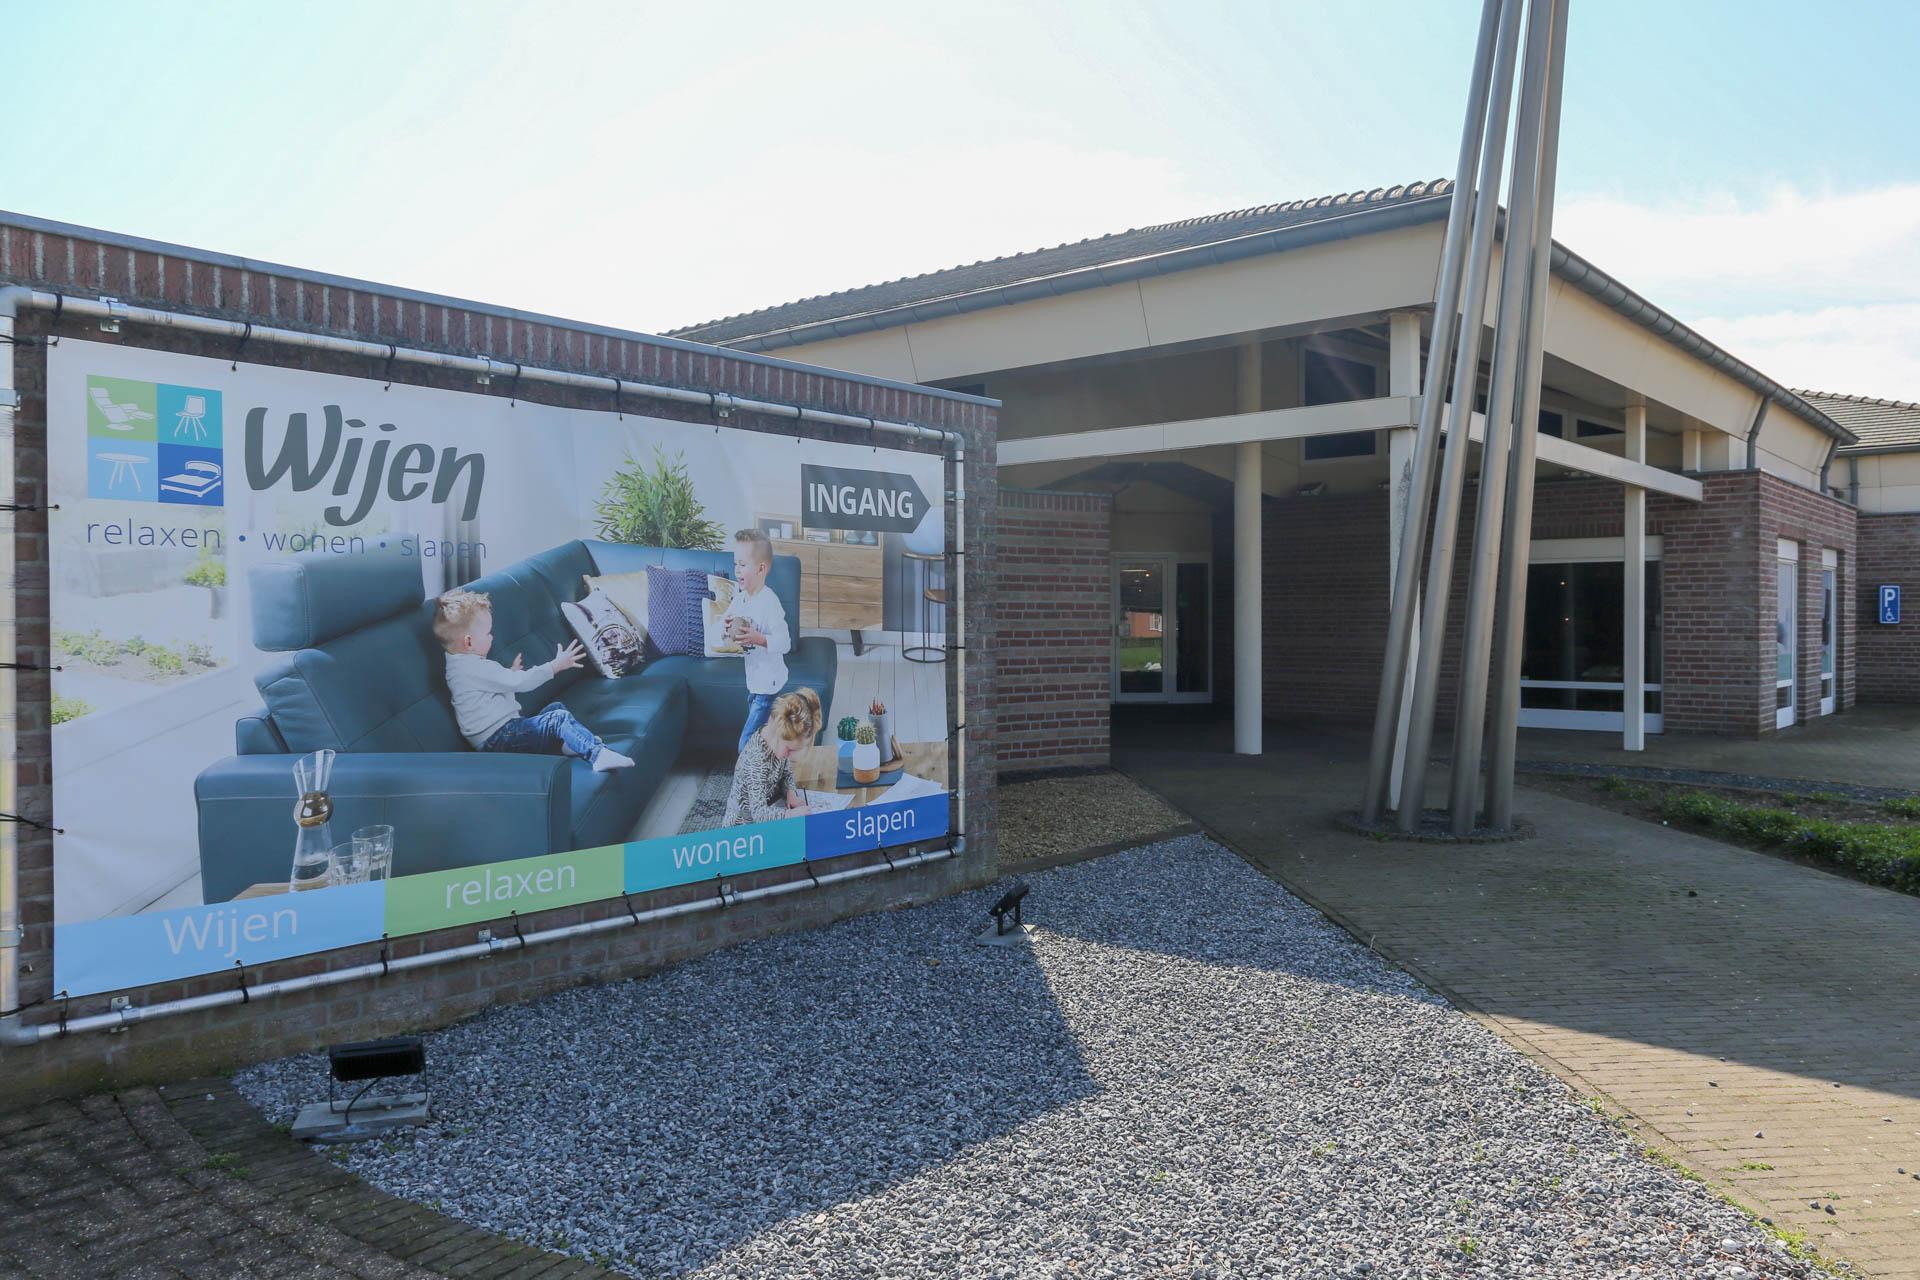 Wijen-Relaxen-Wonen-Slapen-1